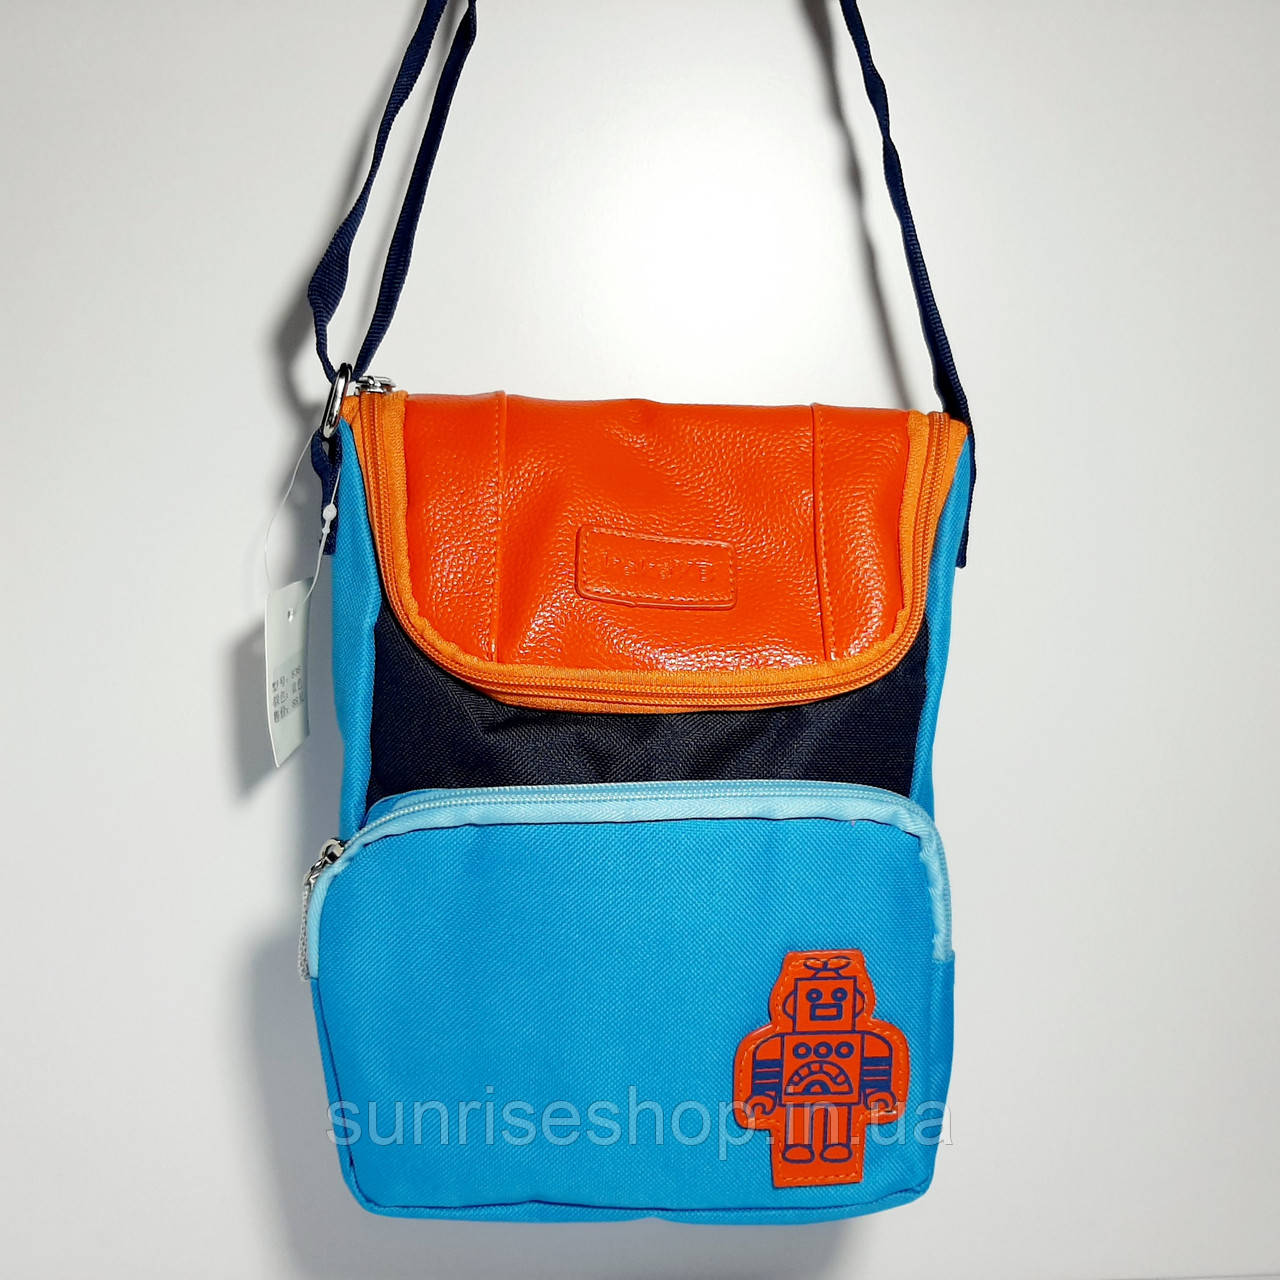 Детская сумка для мальчика